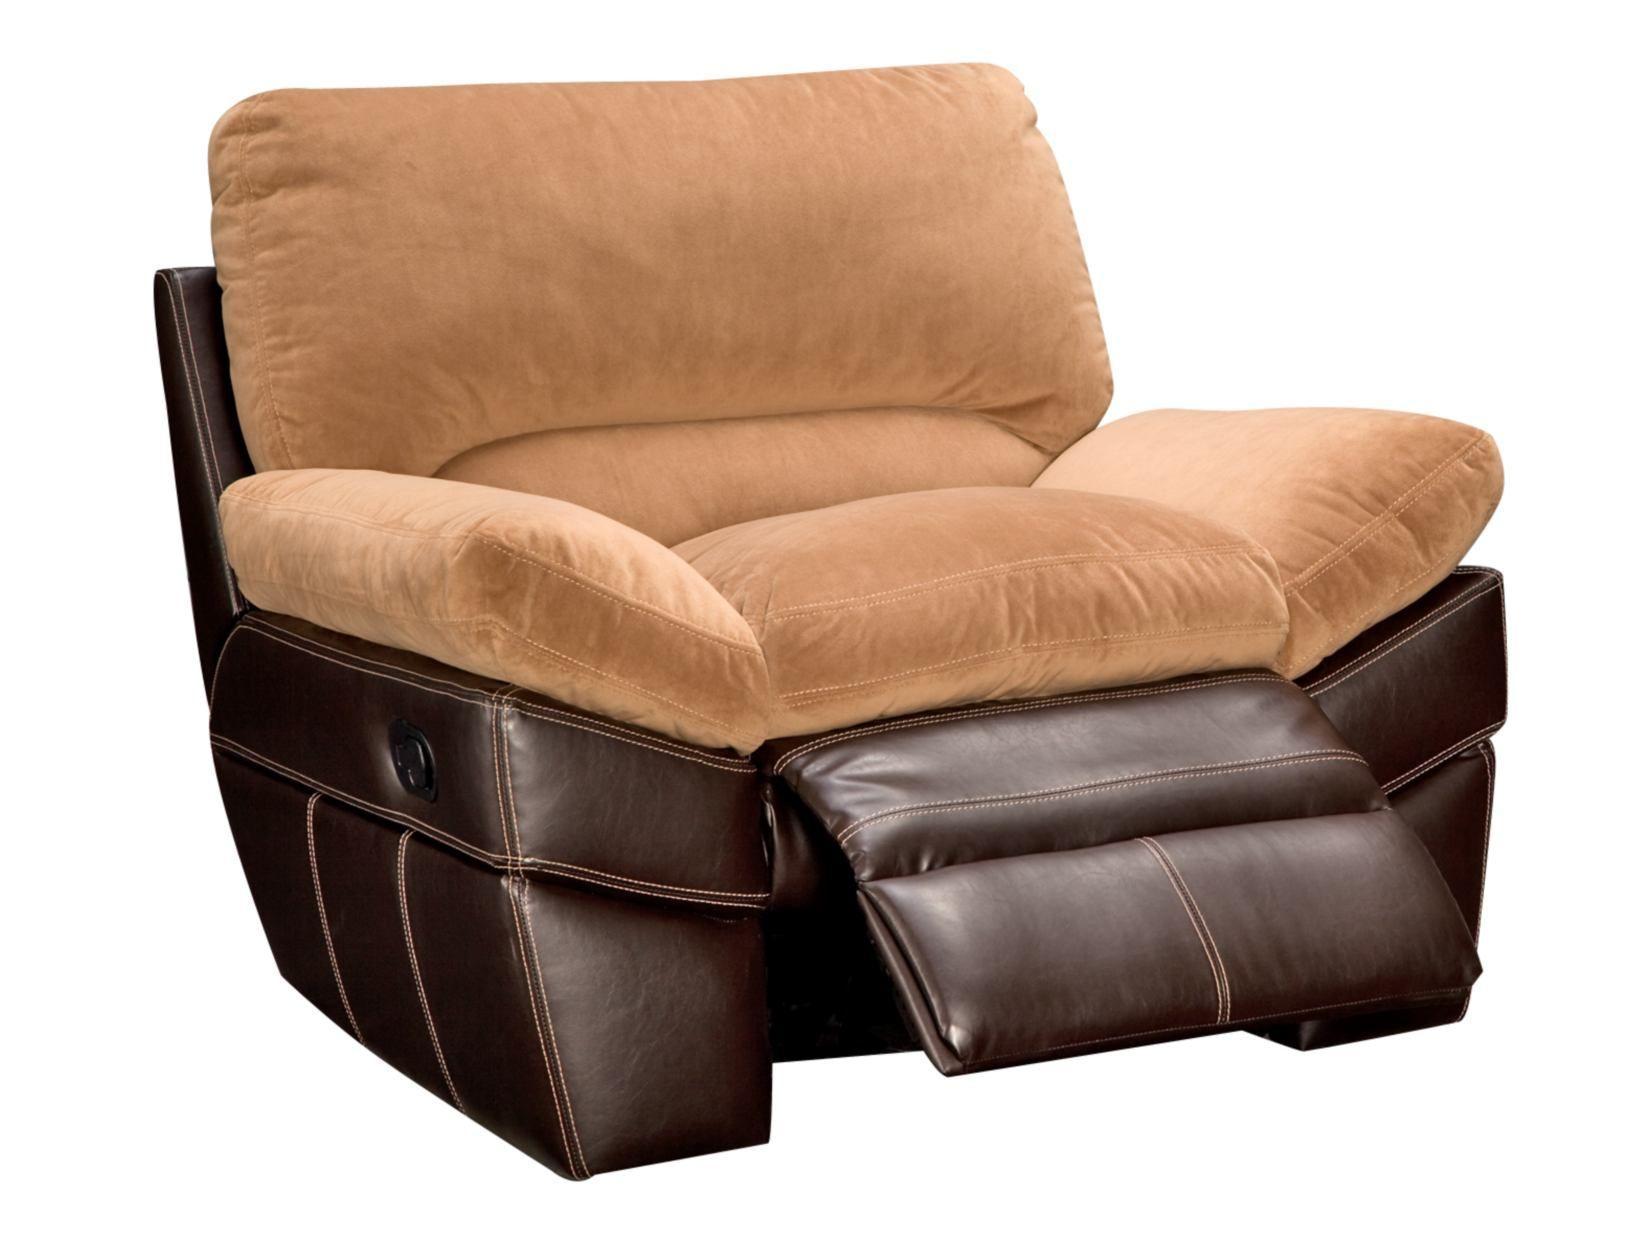 Chandler Beige Glider Recliner   Value City Furniture $299.99